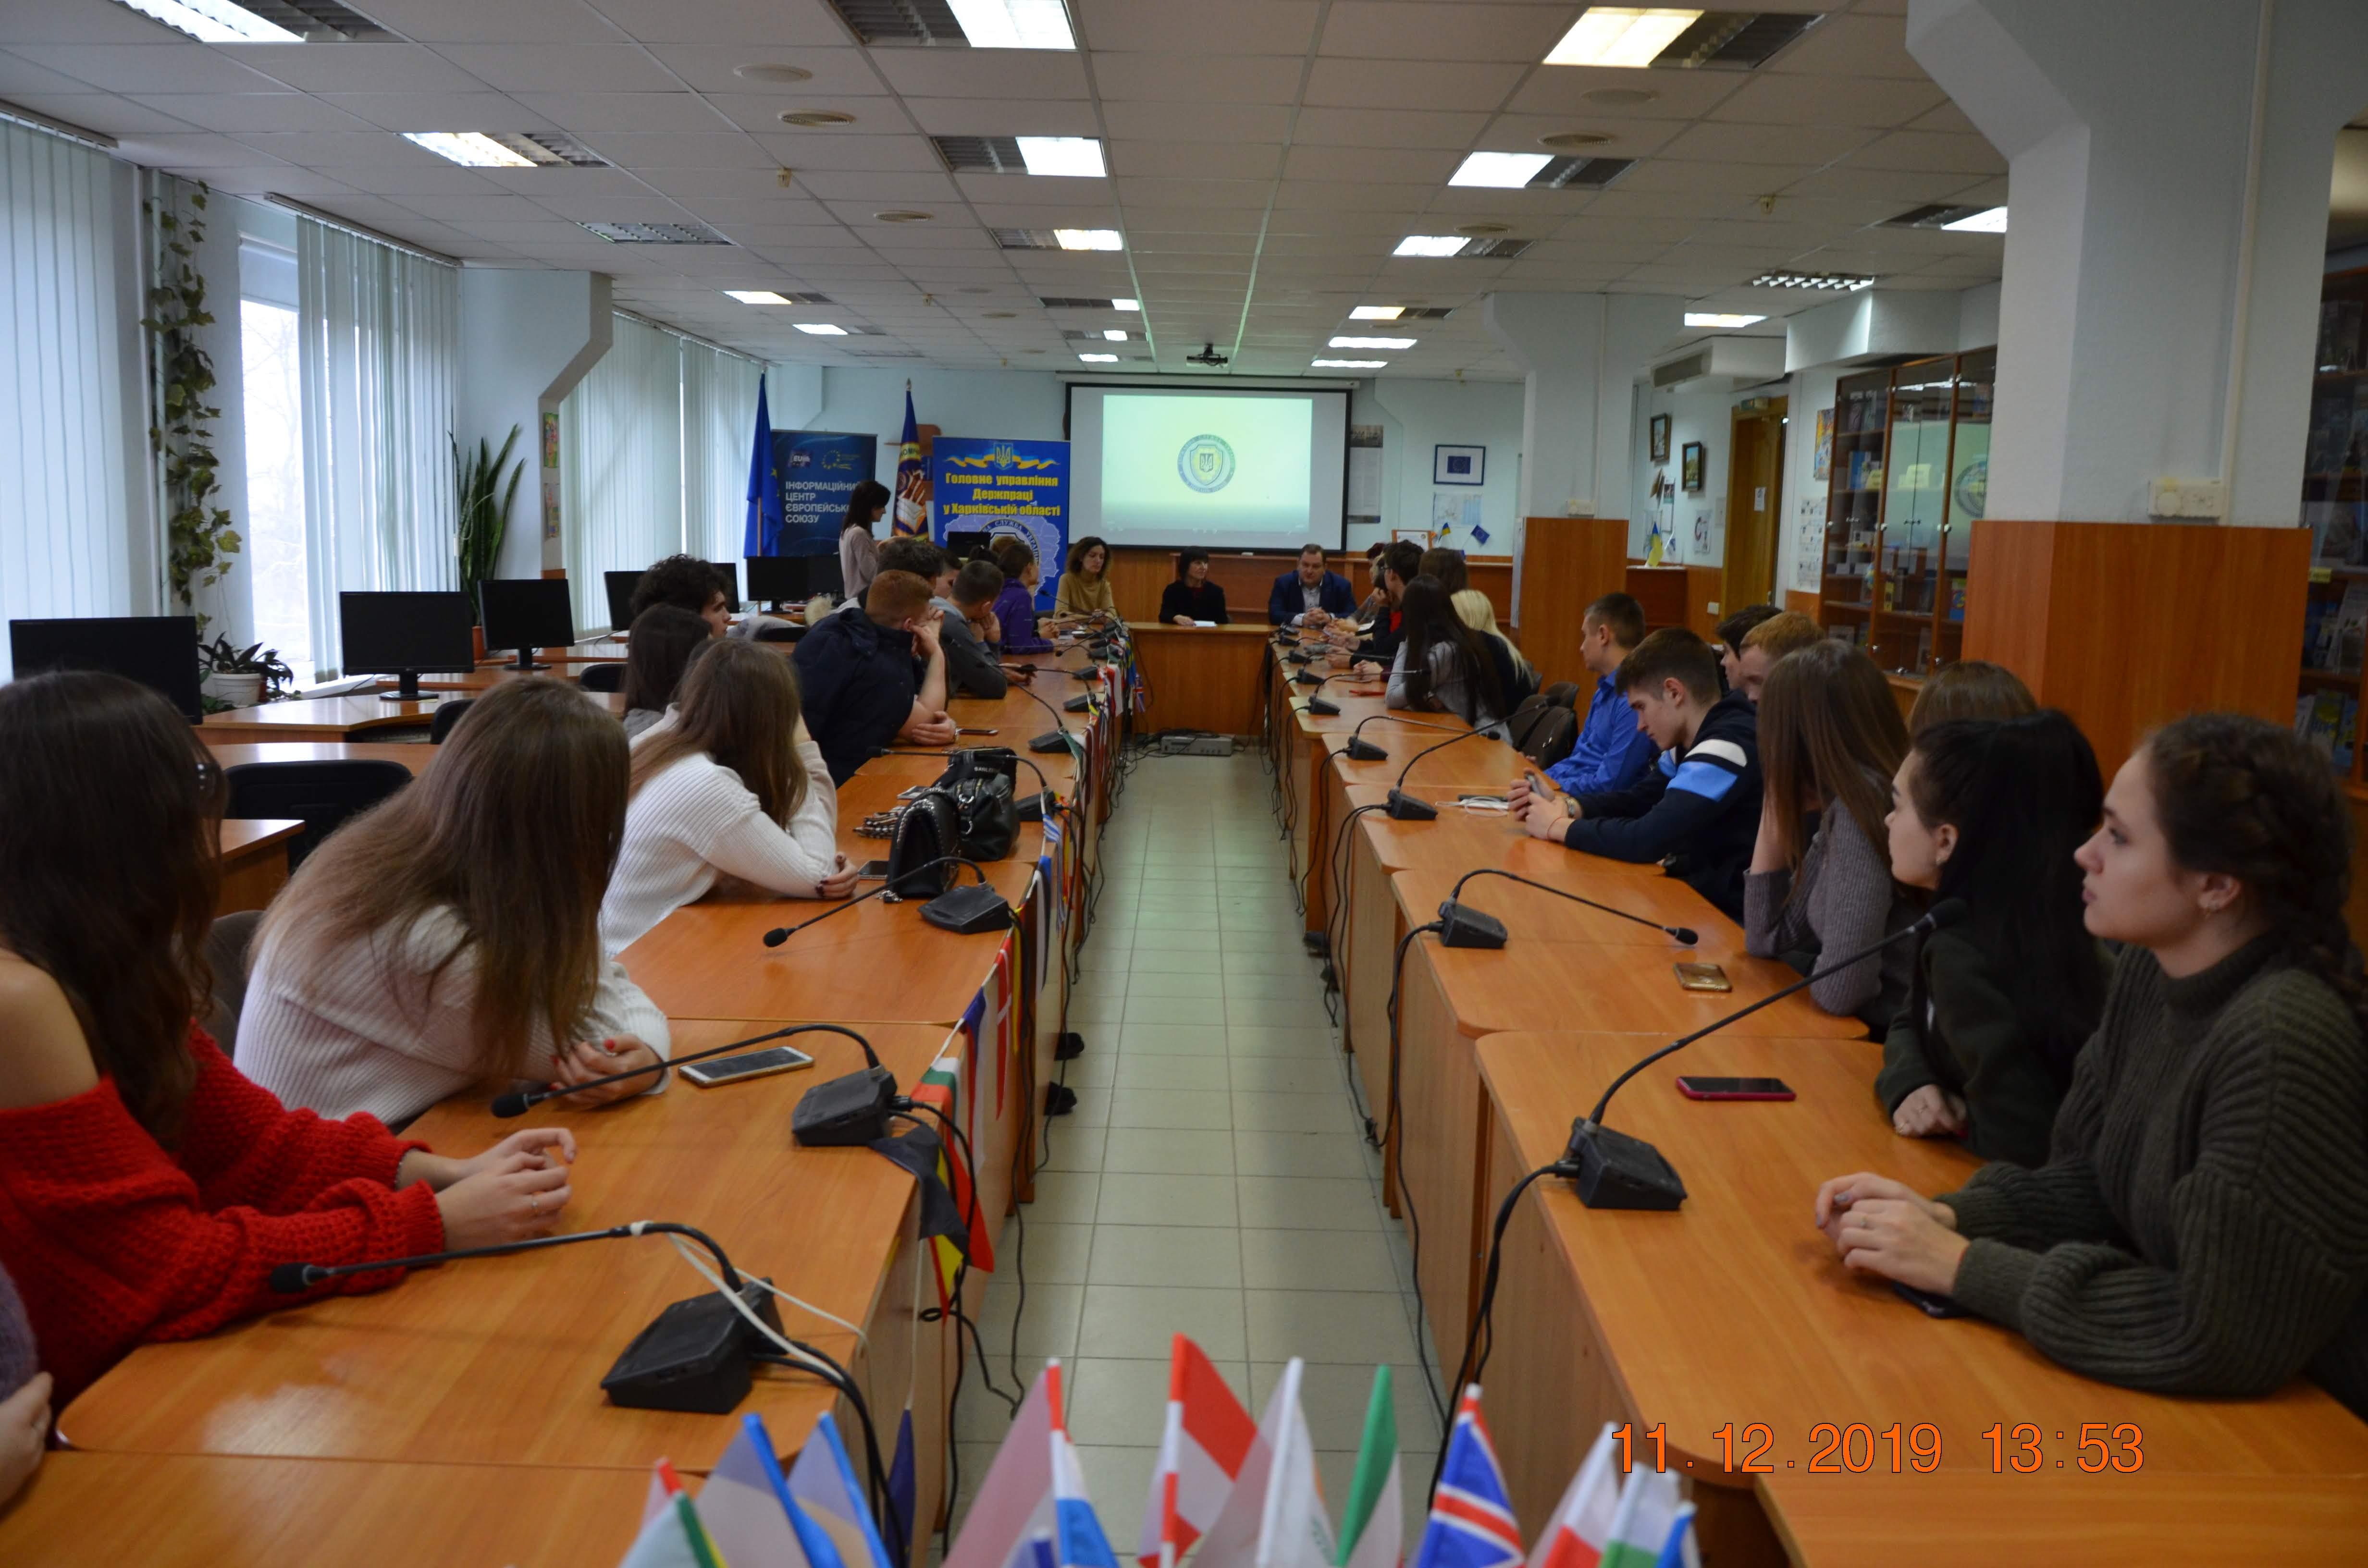 Відбулася відкрита зустріч студентів з керівництвом Головного управління держпраці у Харківській області, в рамках Всеукраїнського тижня права